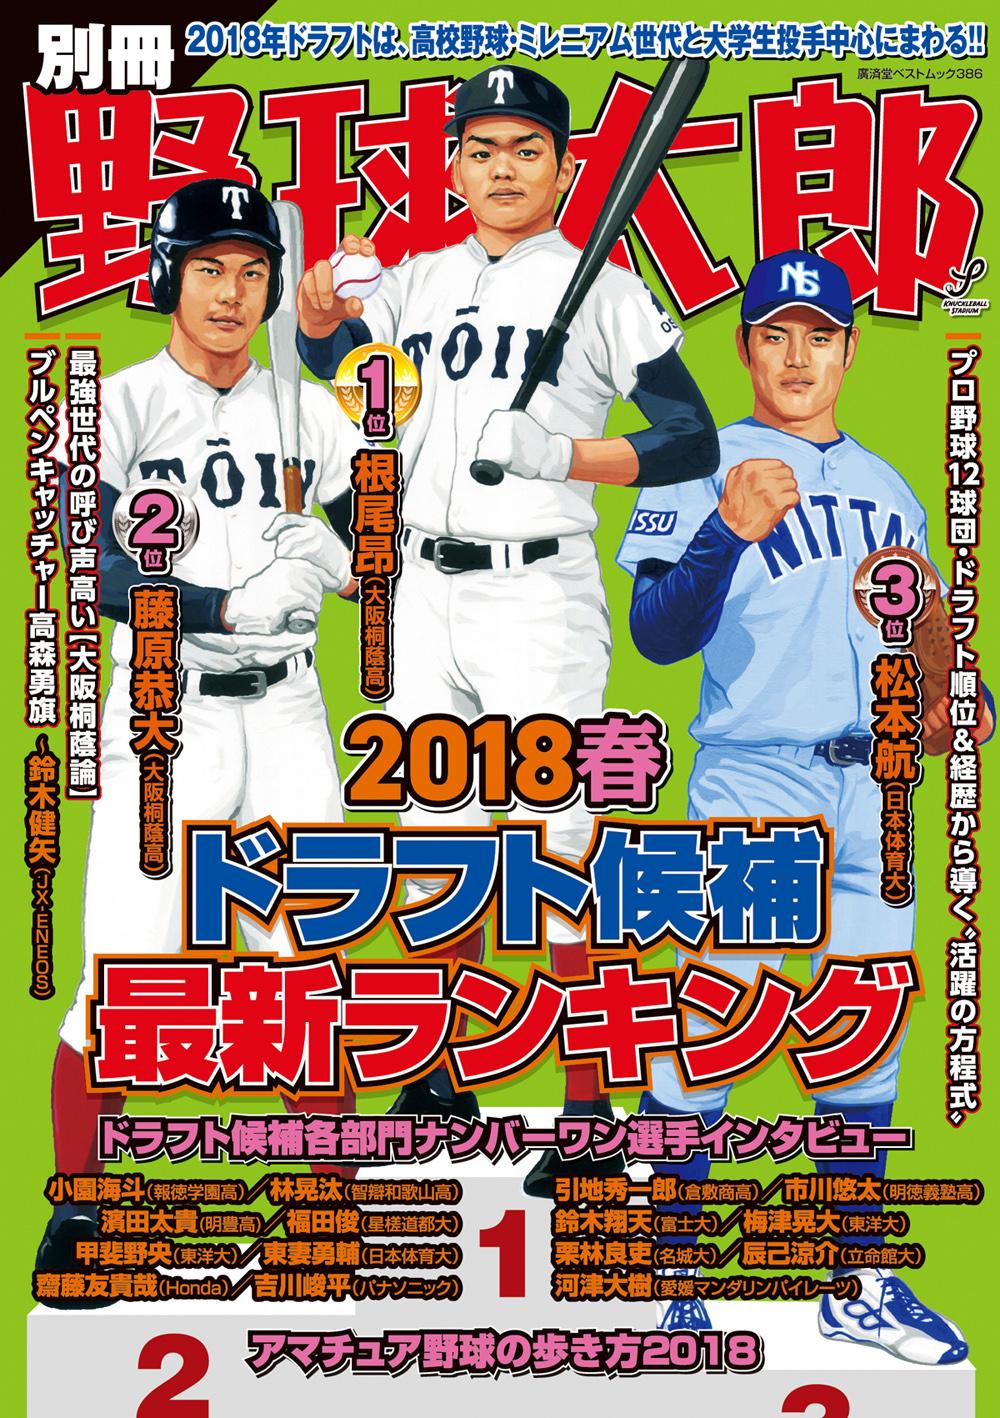 『別冊野球太郎 2018春 ドラフト候補最新ランキング』は選手インタビューたっぷり! 4月3日発売です!